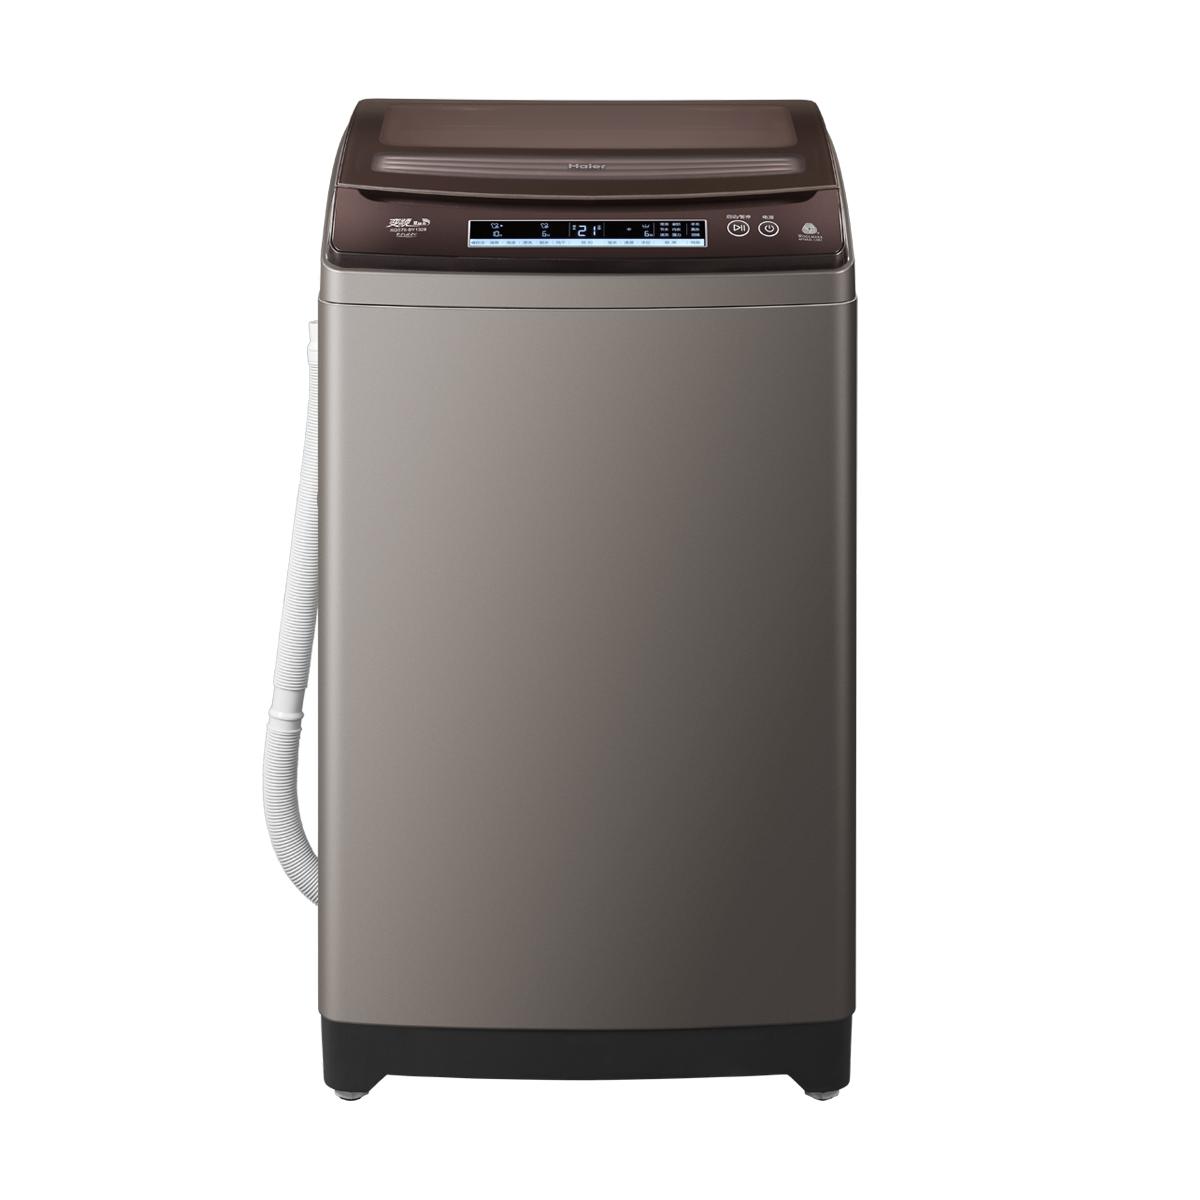 海尔Haier洗衣机 XQS75-BY1328 说明书